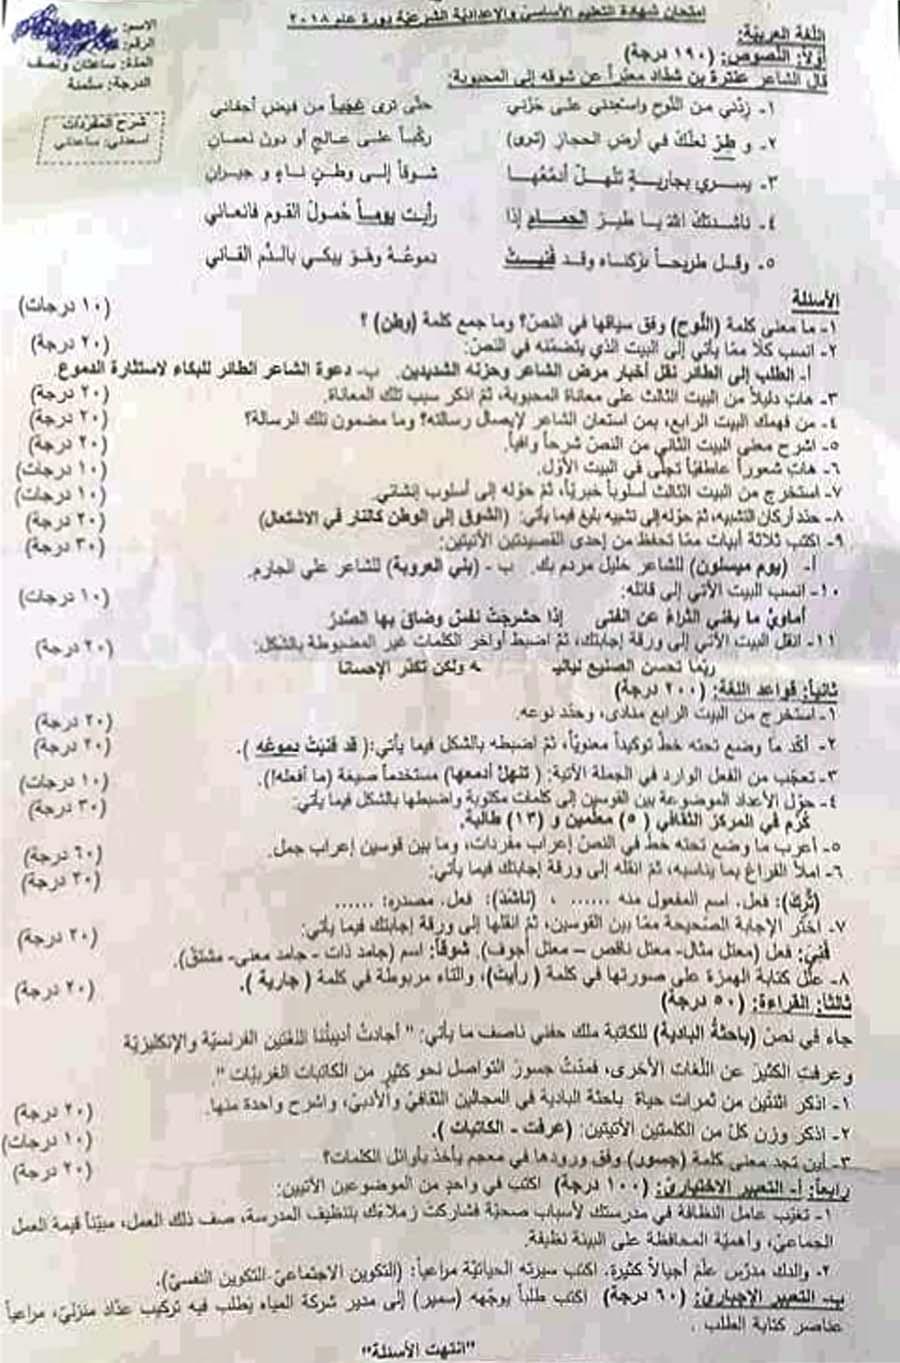 حلب ورقة اسئلة اللغة العربية للامتحان النهائي لطلاب شهادة التعليم الأساسي 2018 - التاسع سوريا